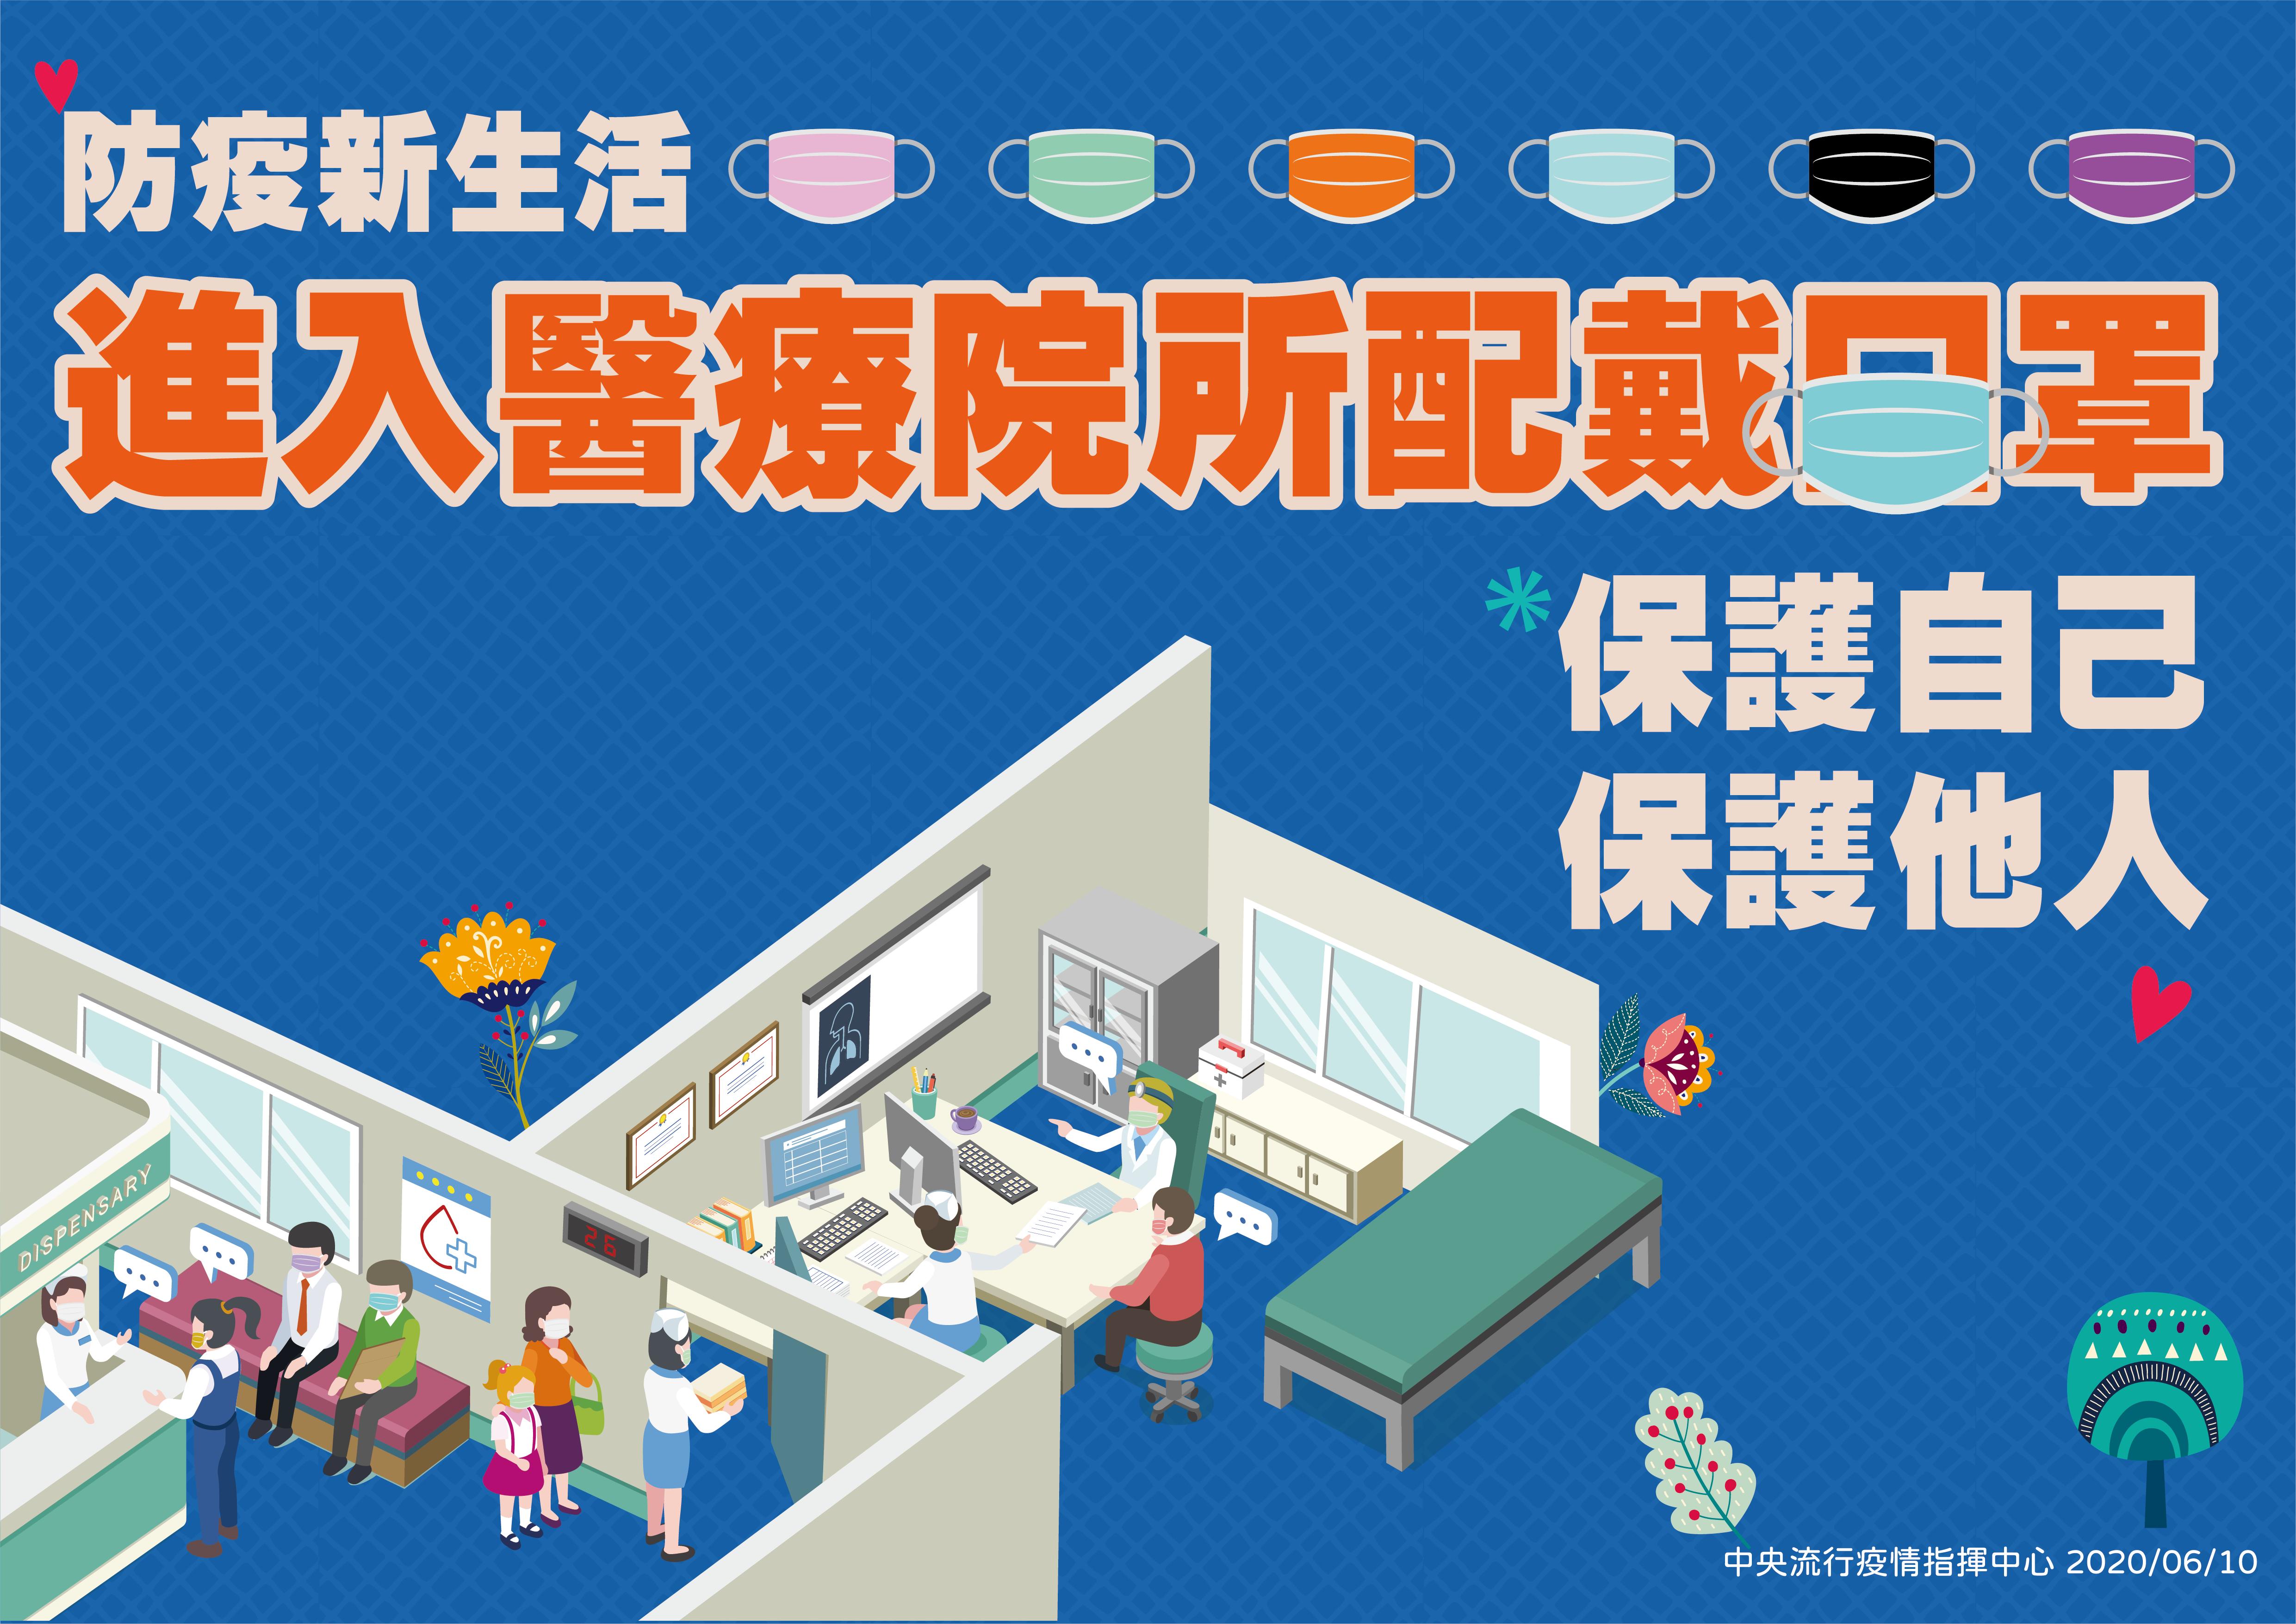 防疫新生活-進入醫療院所配戴口罩